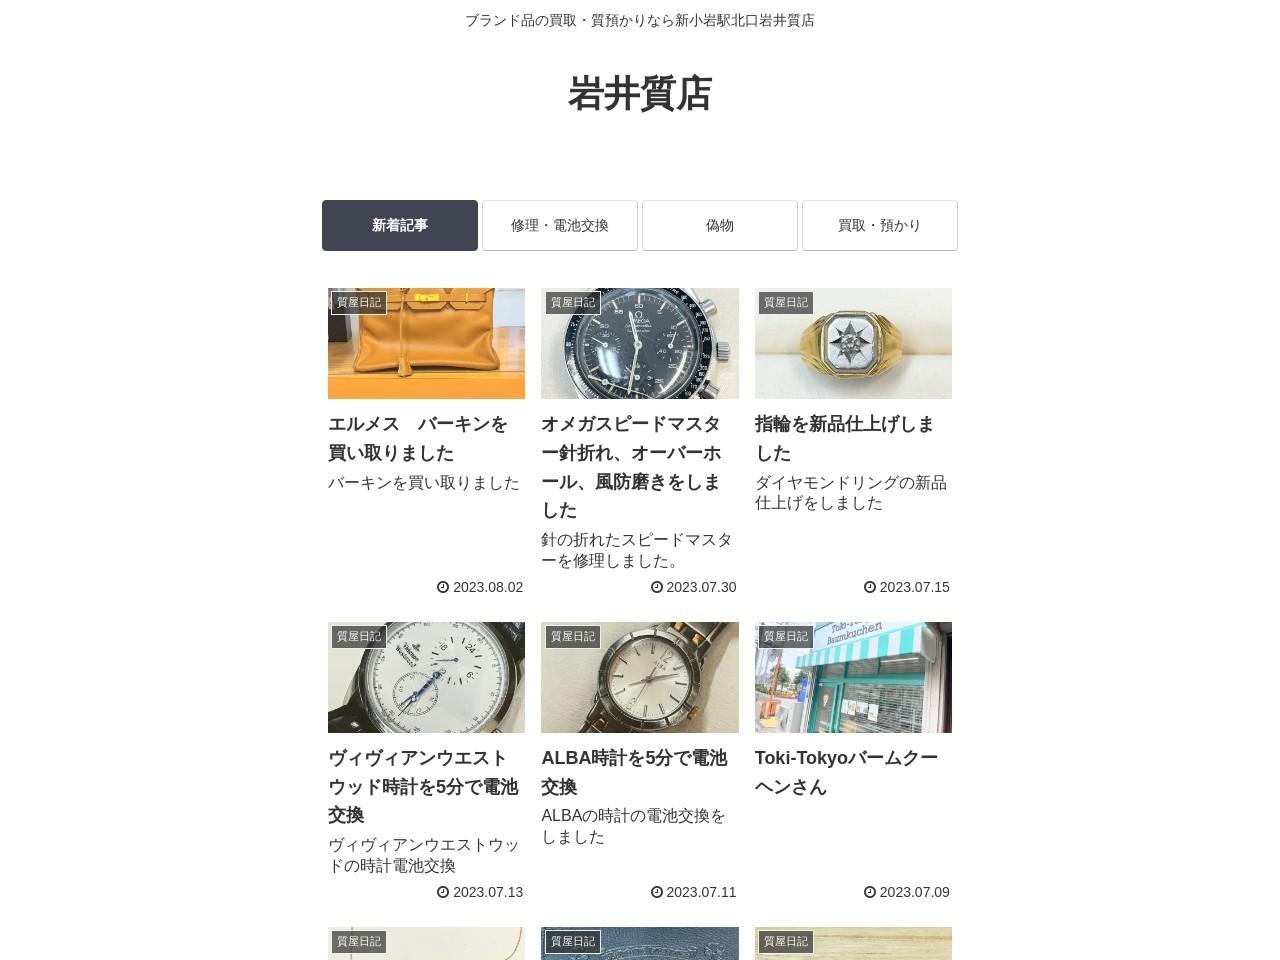 ブランドショップIWAI【葛飾質屋のジュエリーオンラインショップ】